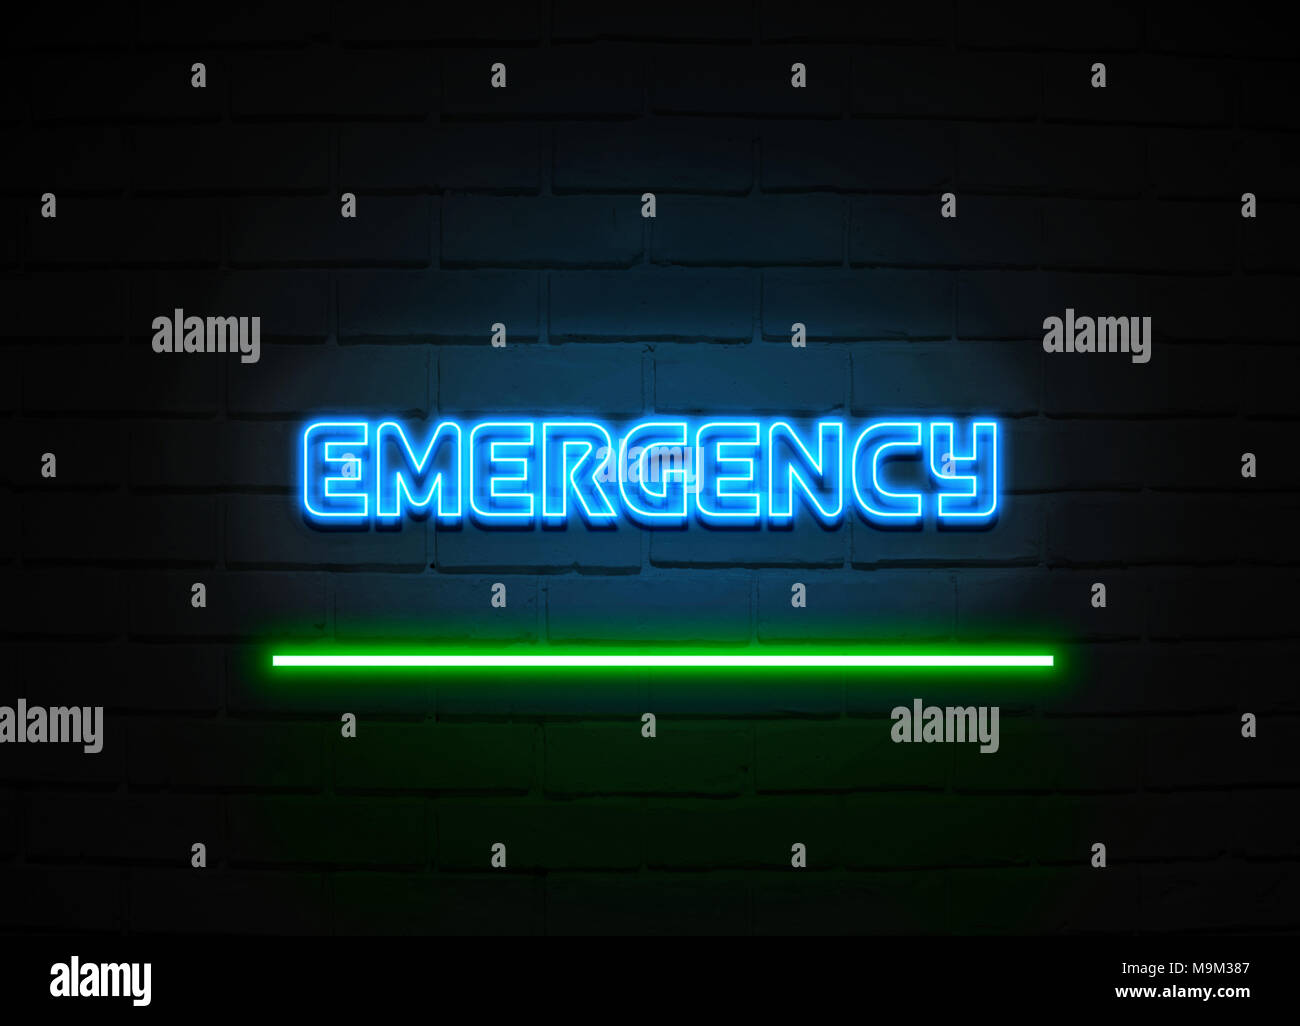 Not Leuchtreklame - glühende Leuchtreklame auf brickwall Wand - 3D-Royalty Free Stock Illustration dargestellt. Stockfoto